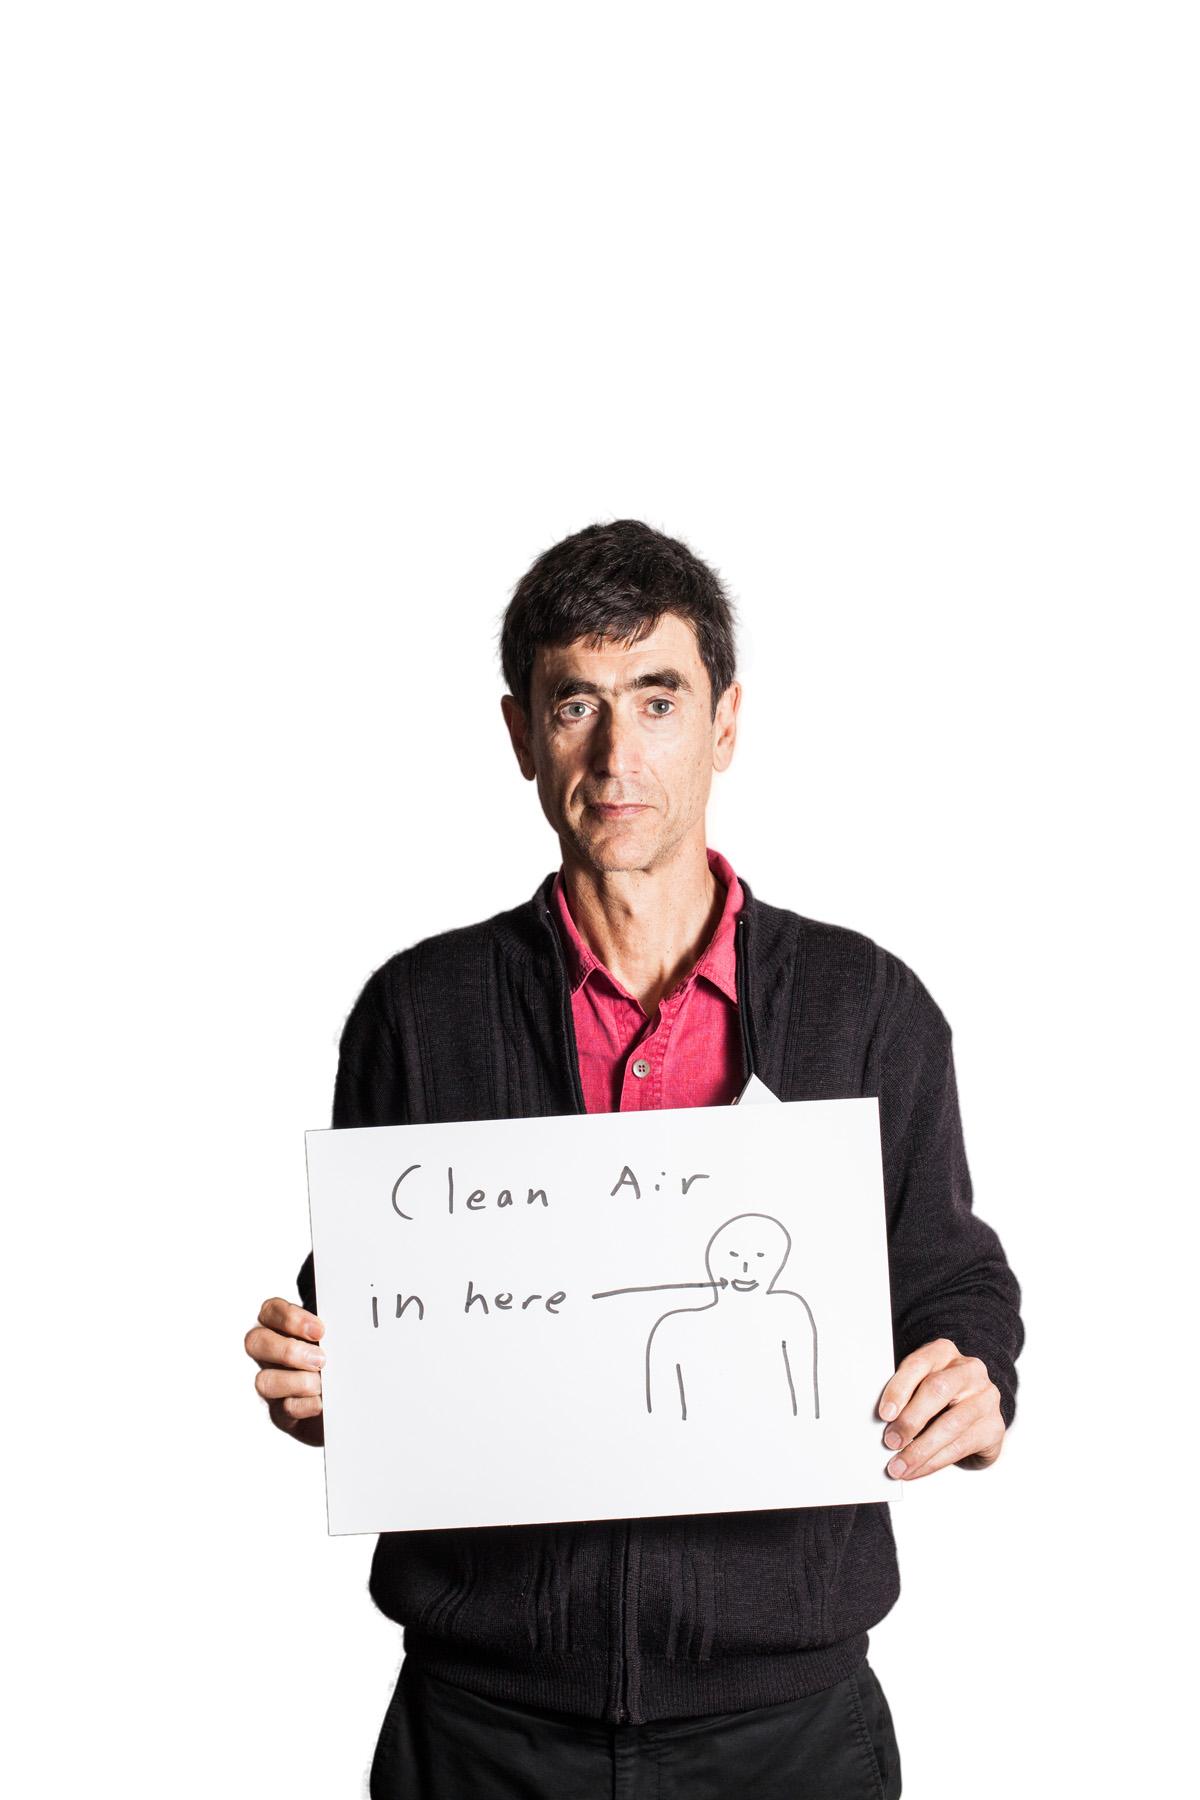 clean_air_in_here.jpg